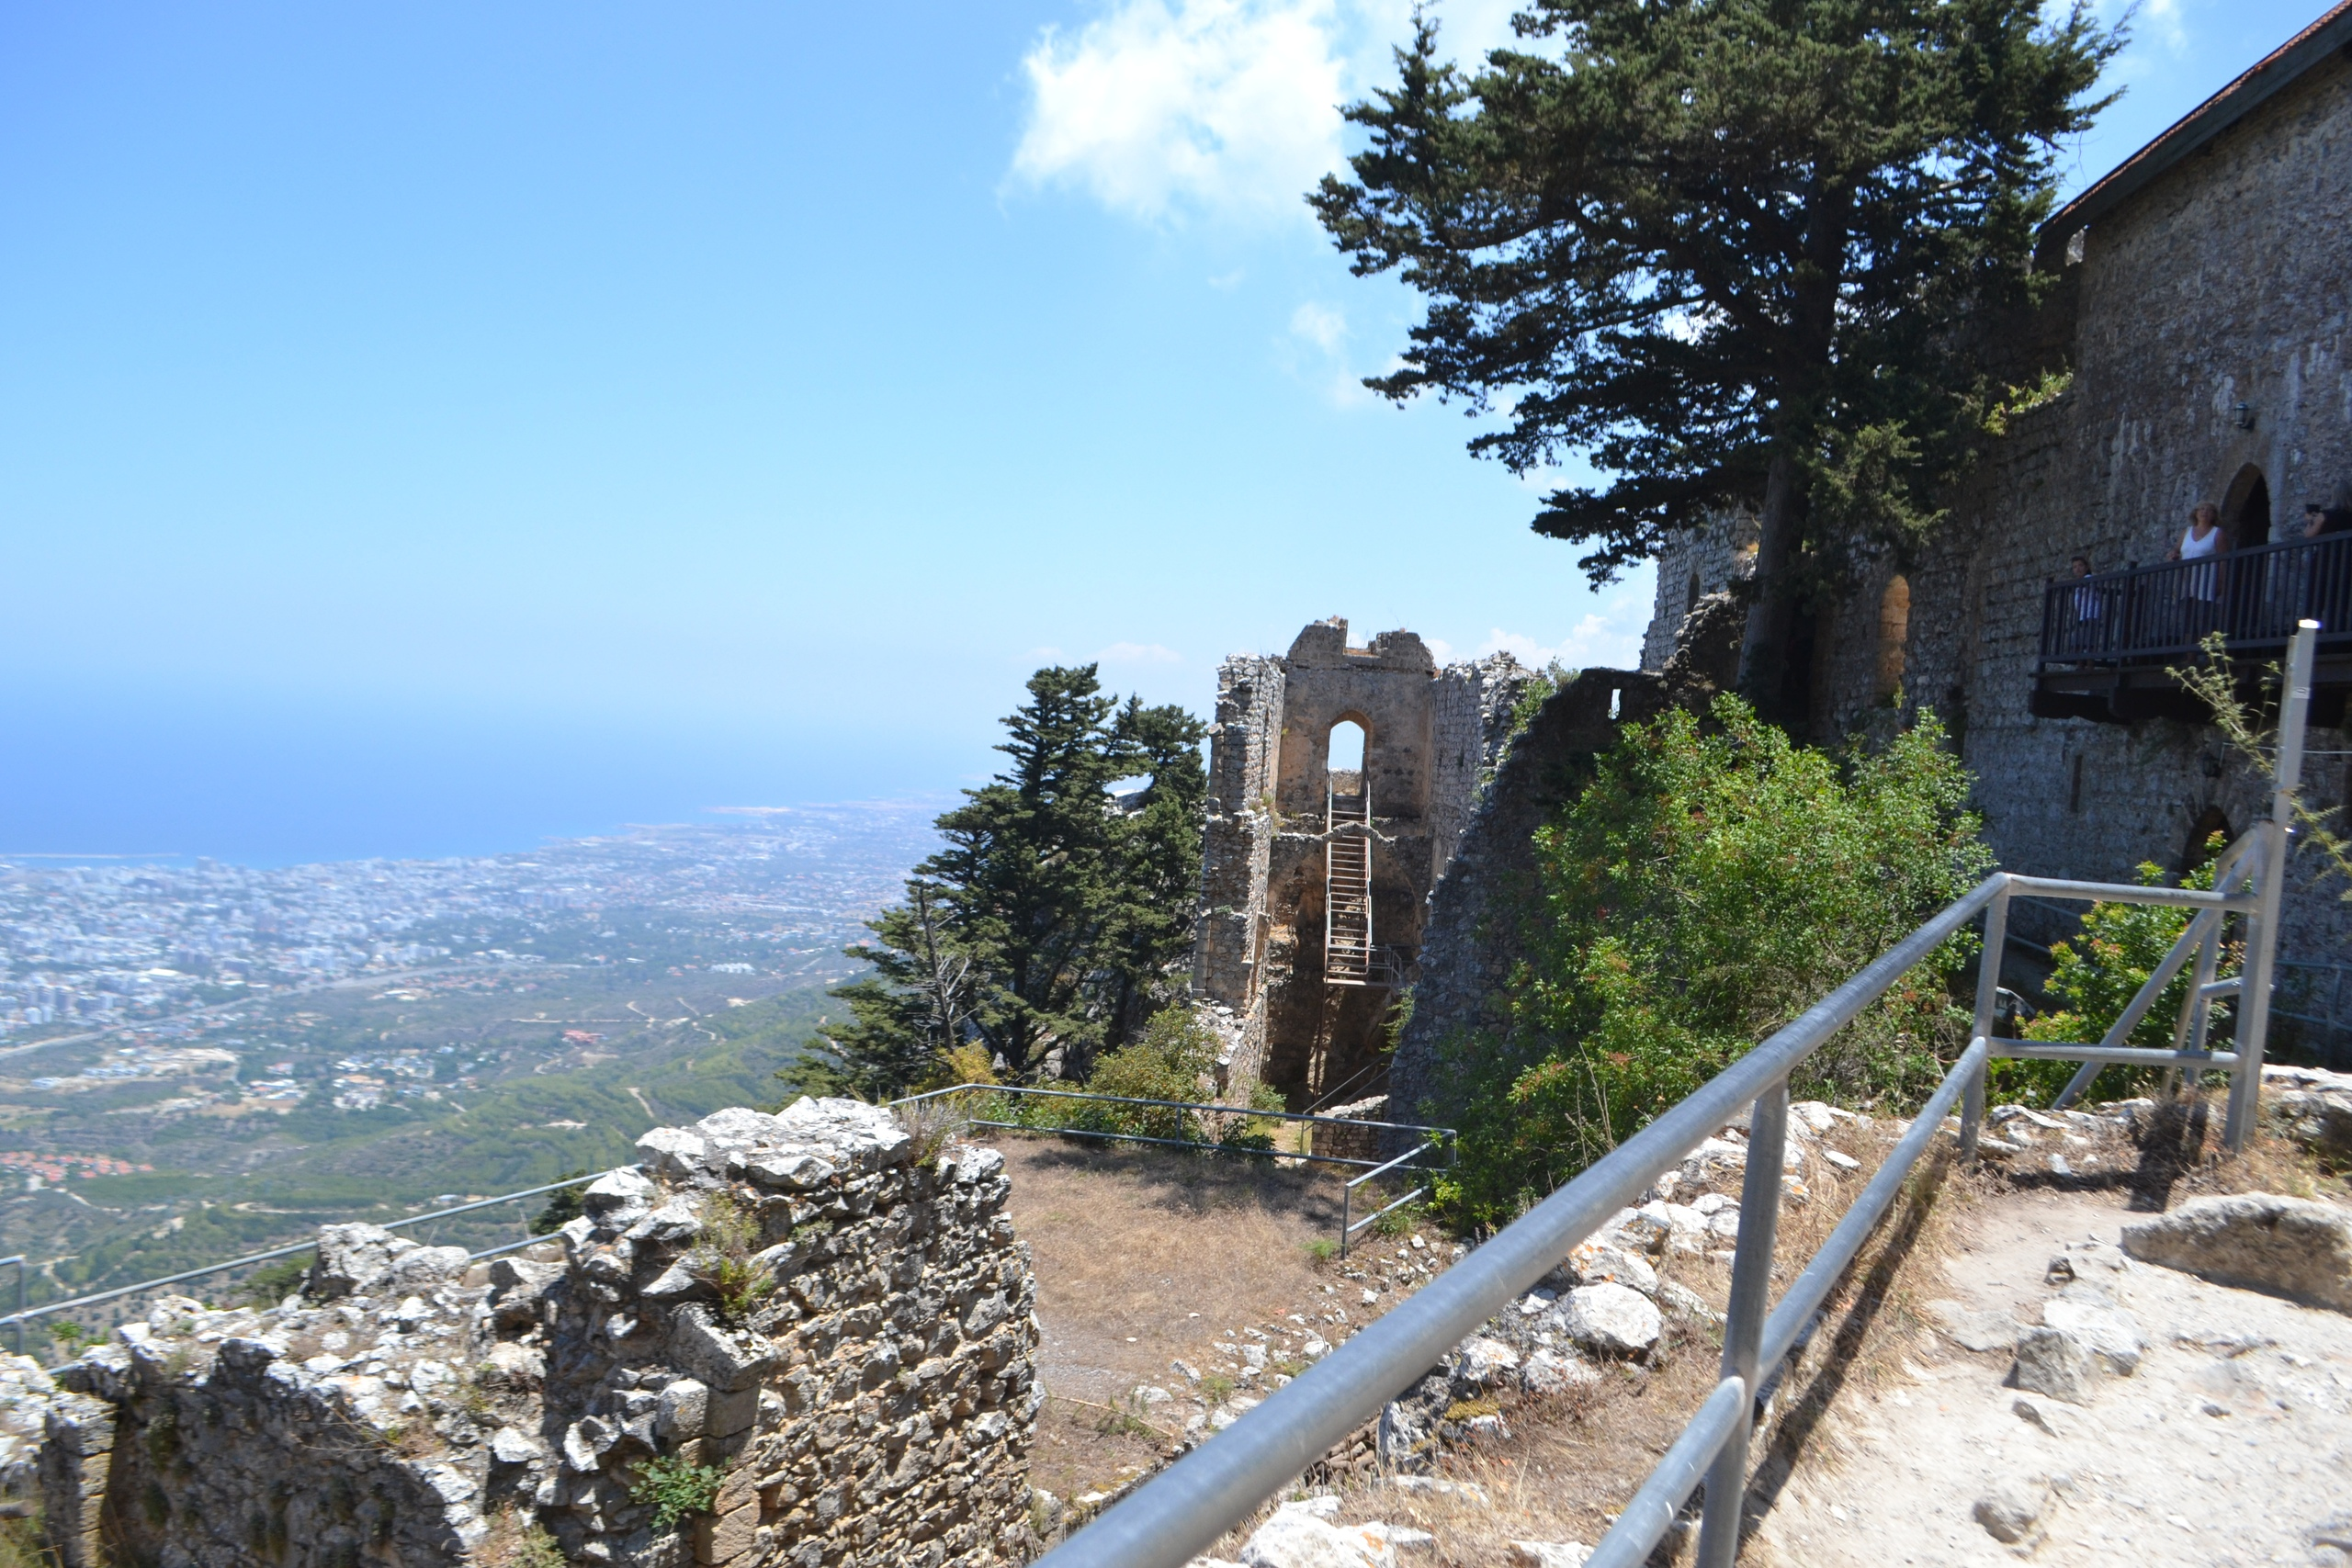 Северный Кипр. Замок Святого Иллариона. (фото). - Страница 2 NnL6MM4olOg